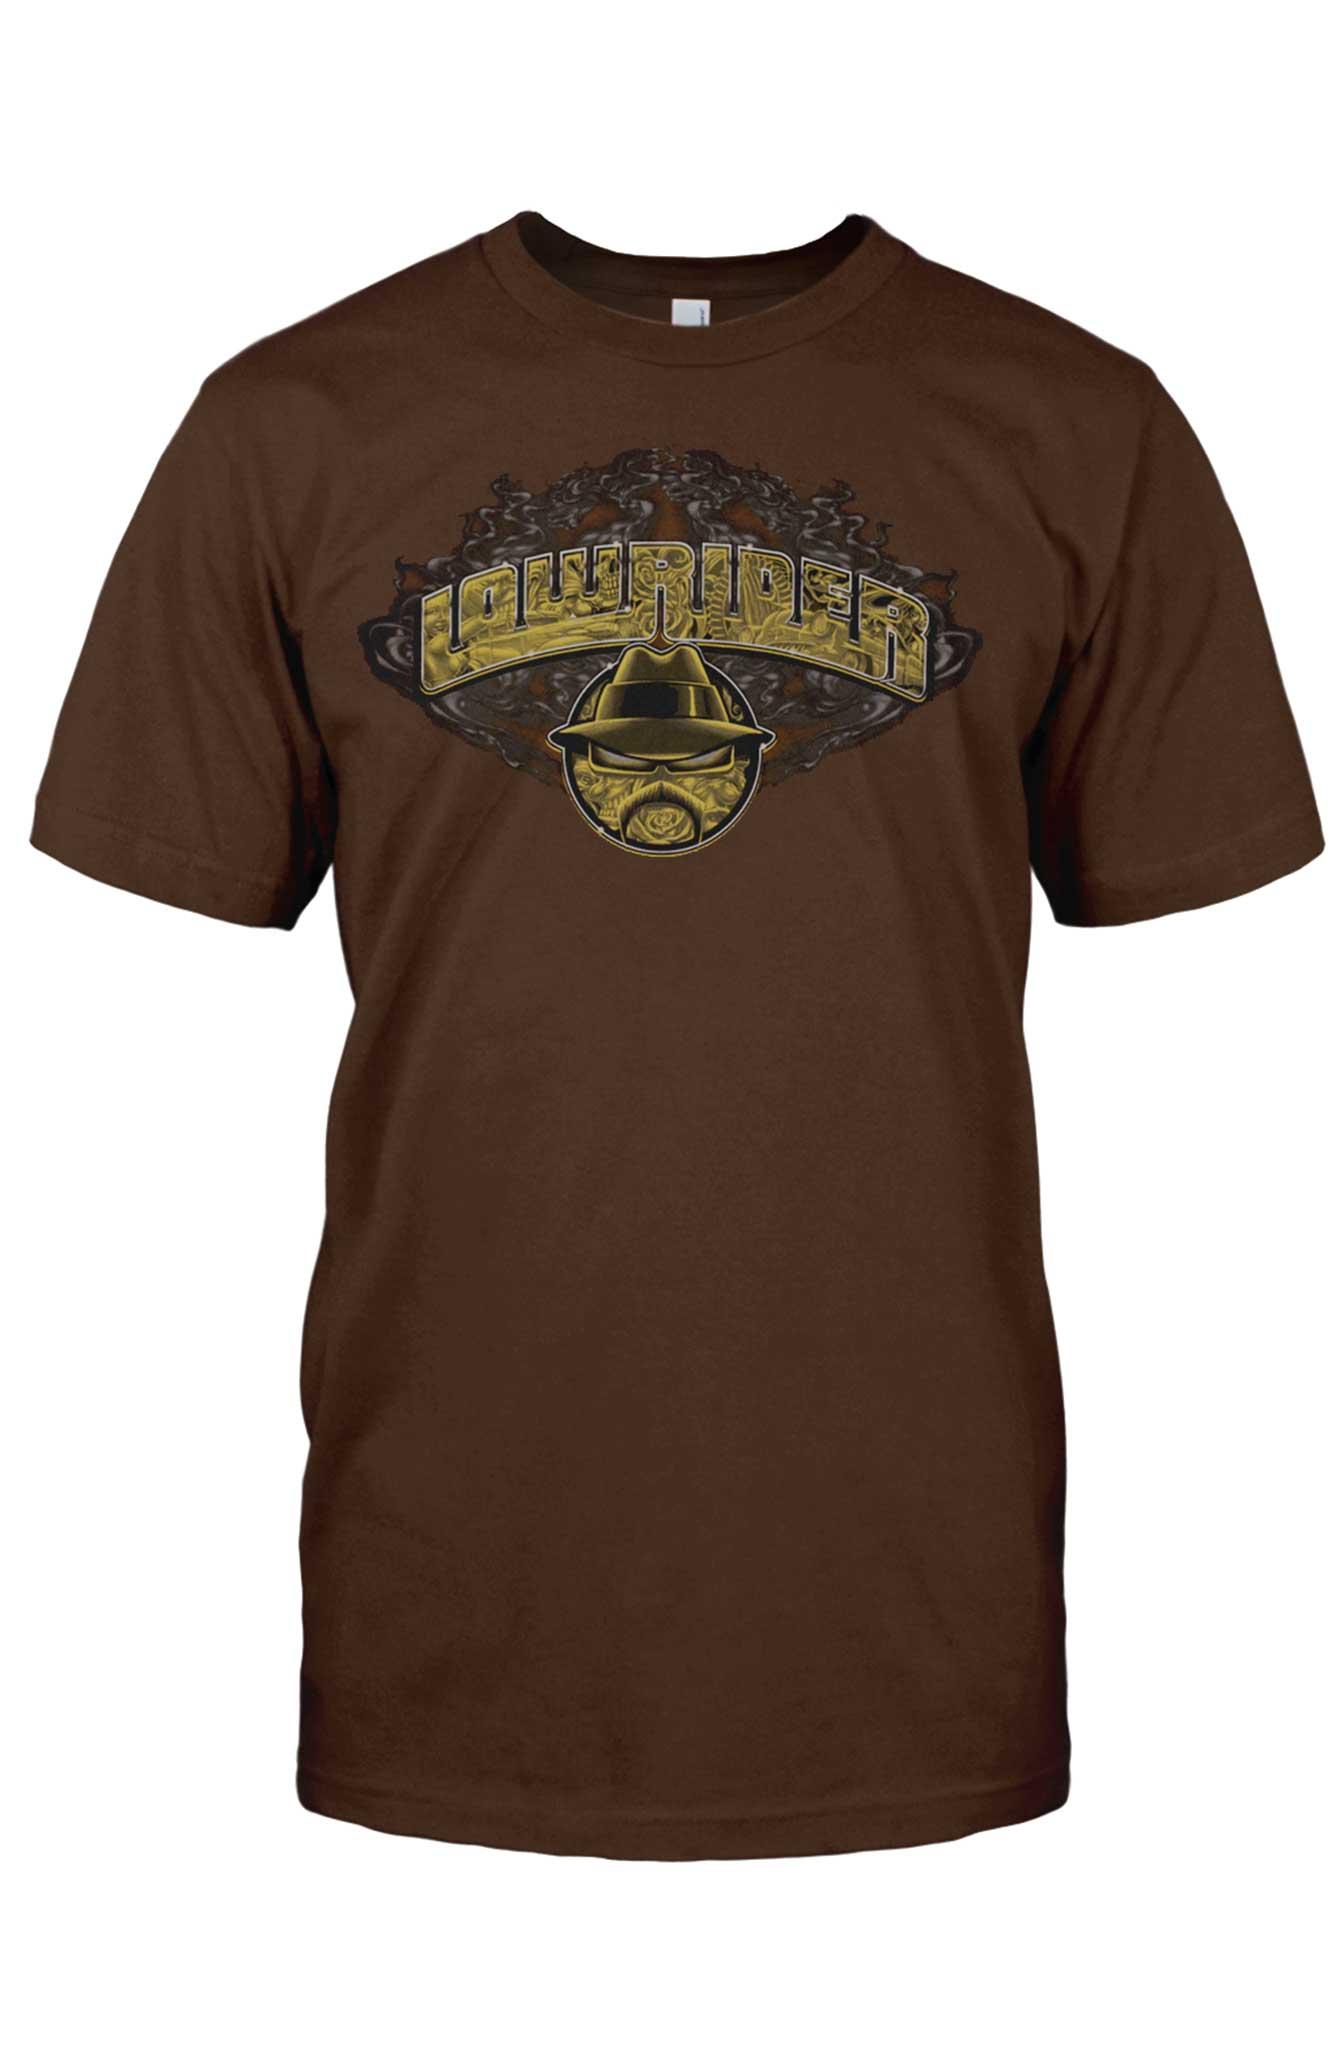 New Shirts At Lowrider Clothing